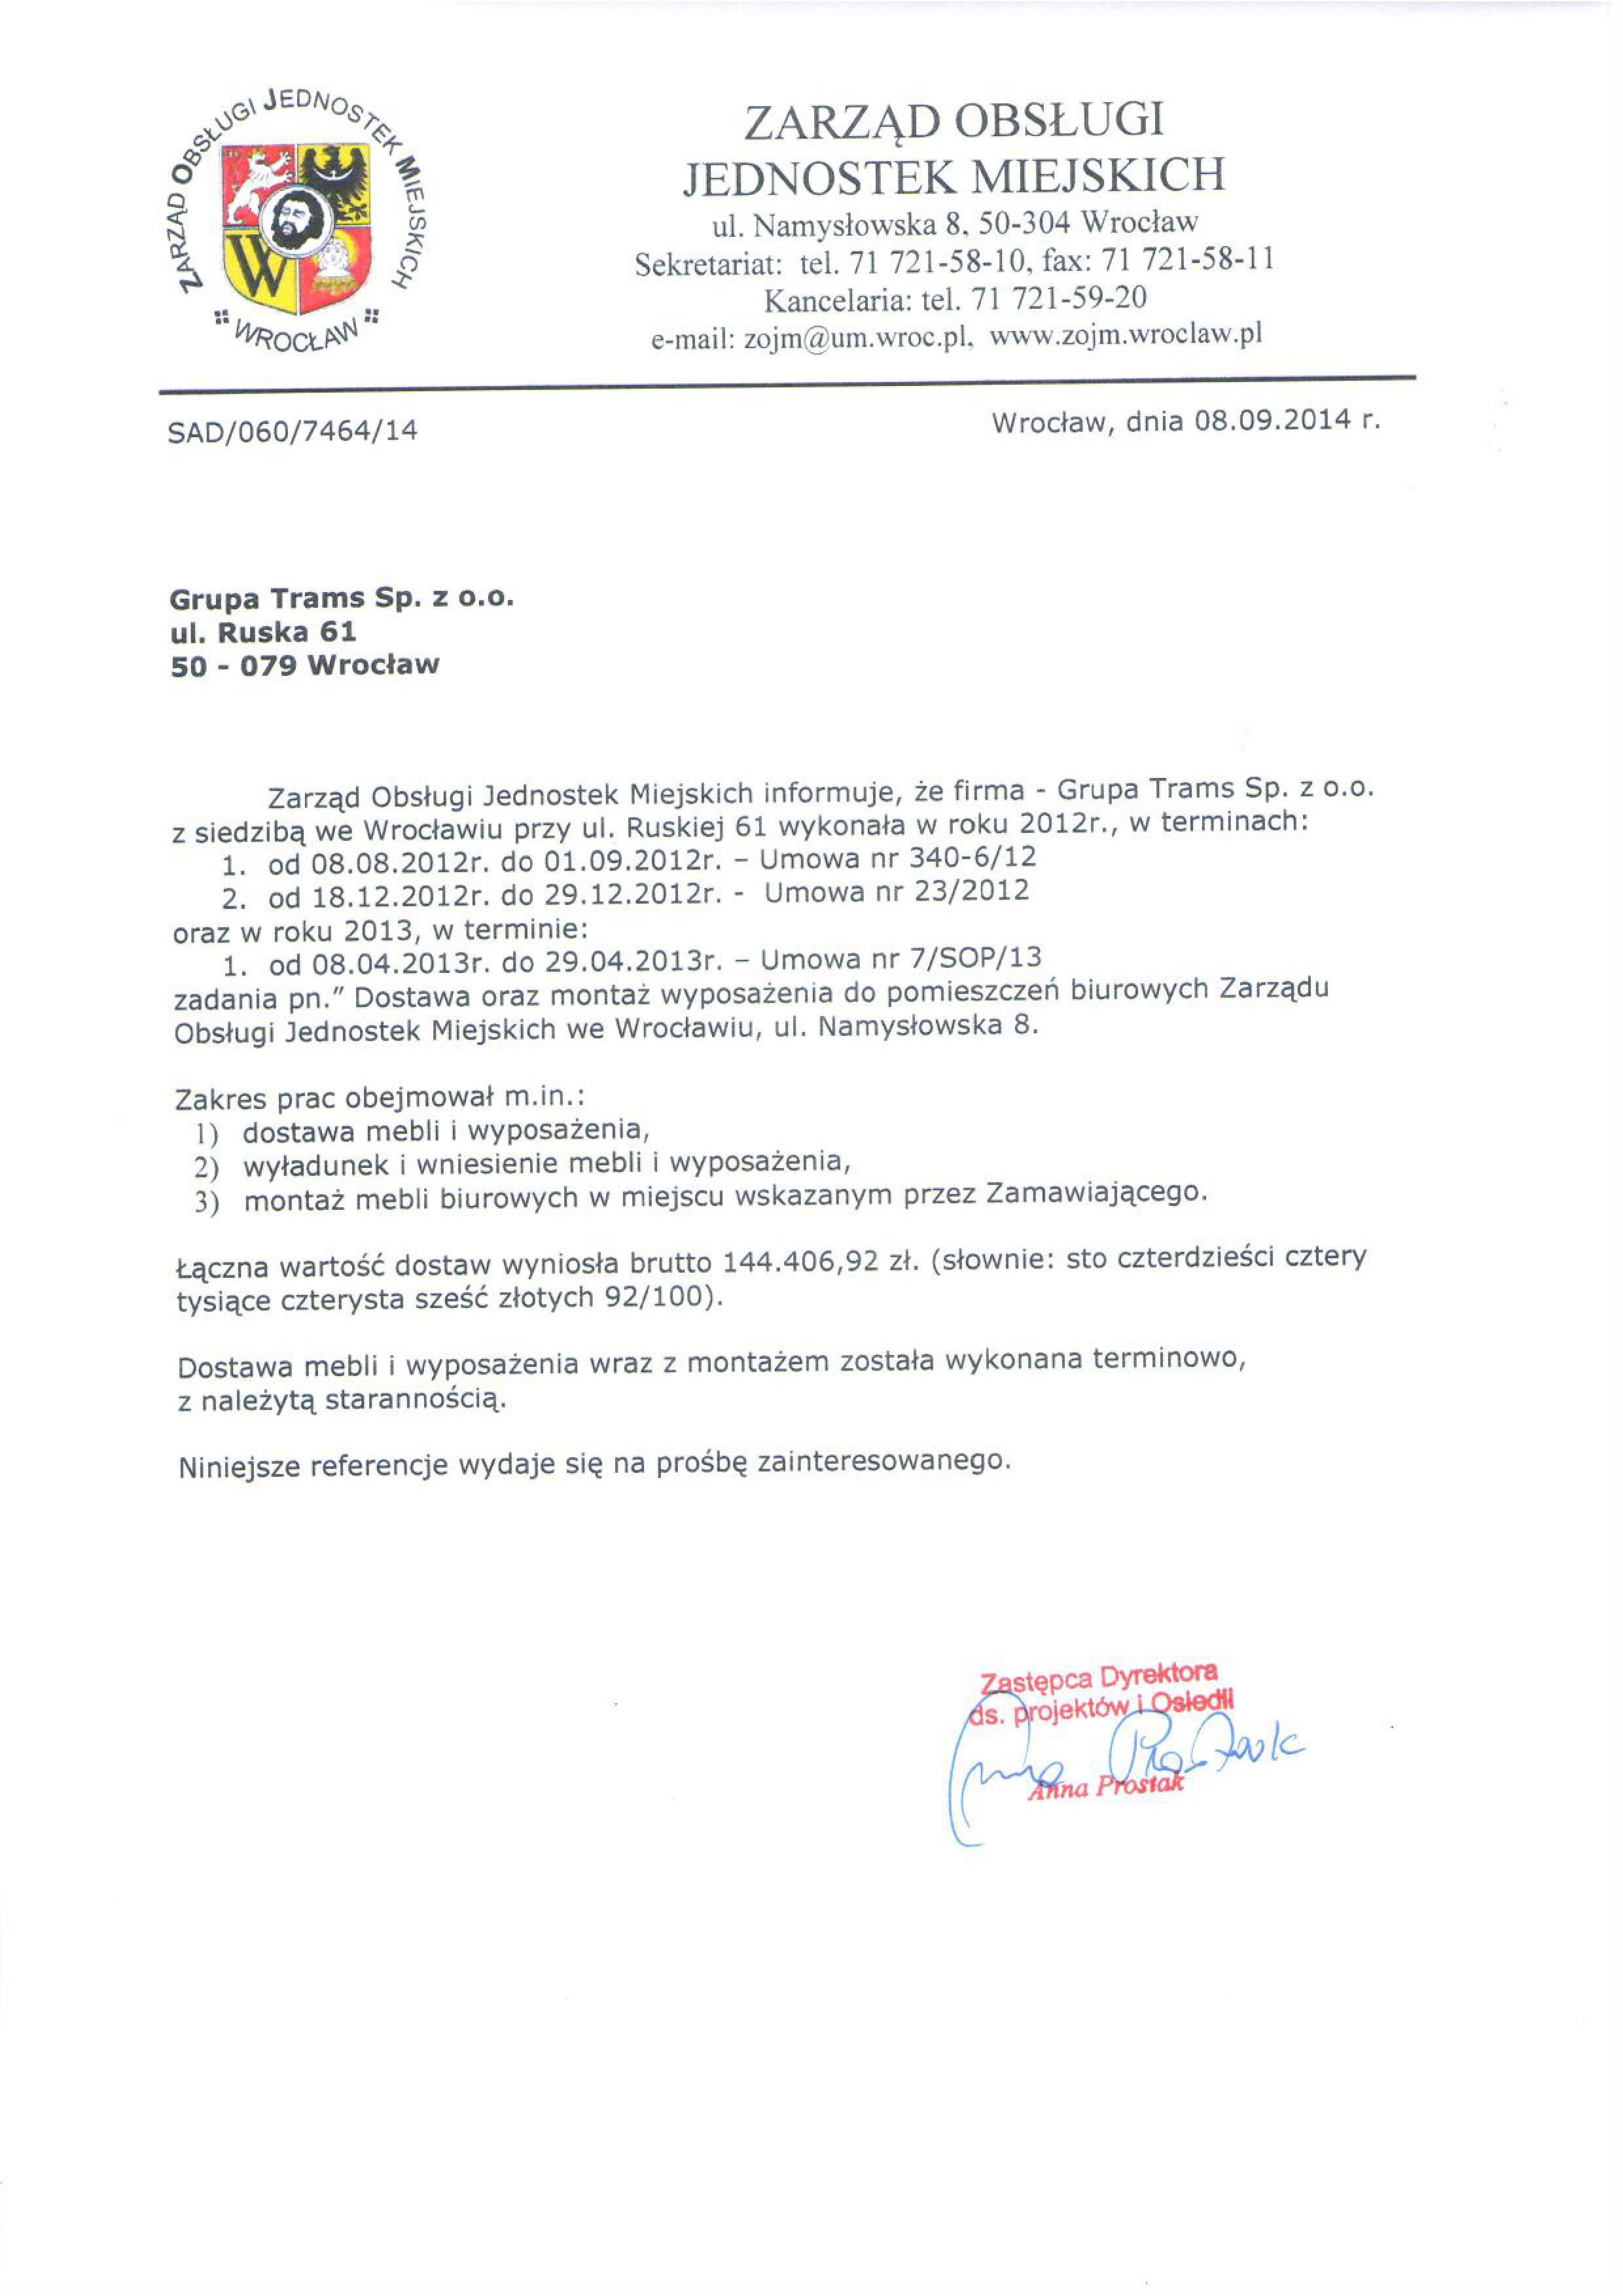 Zarząd Obsługi Jednostek Miejskich informuje, że firma Grupa Trams z siedzibą we Wrocławiu wykonała w roku 2012 zadania